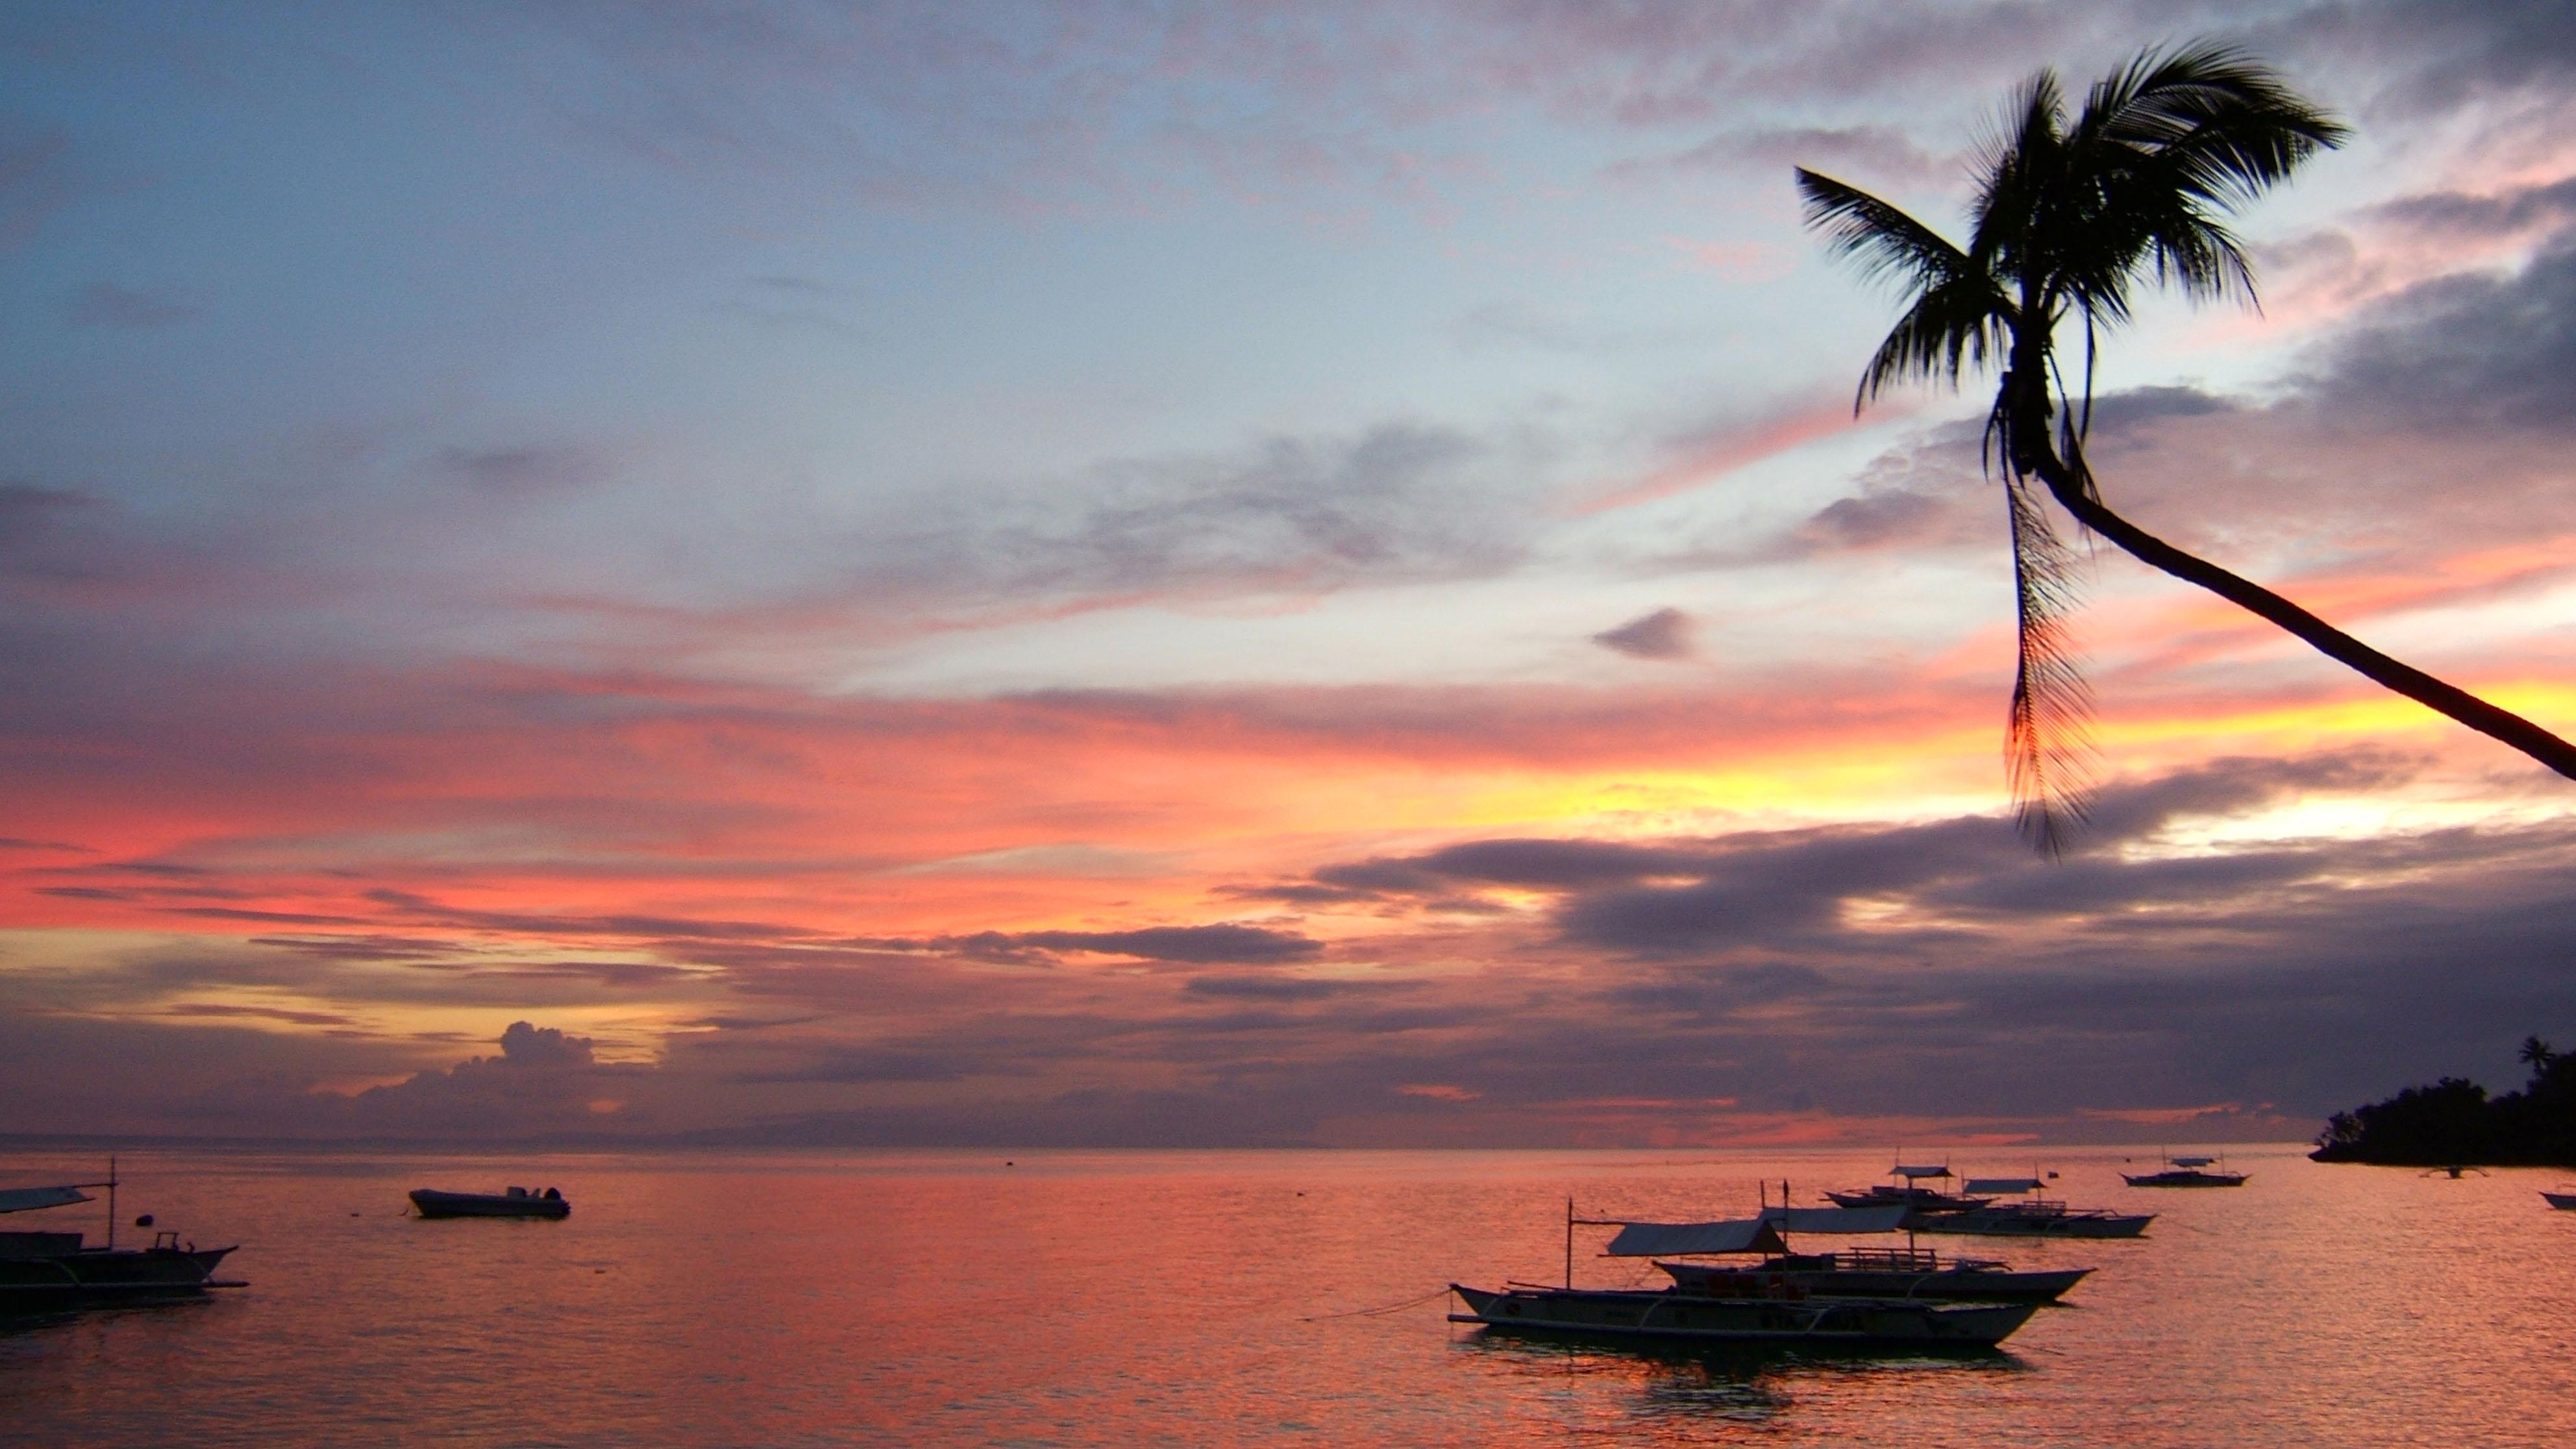 Sunset Philippines Cebu Bahoal 12